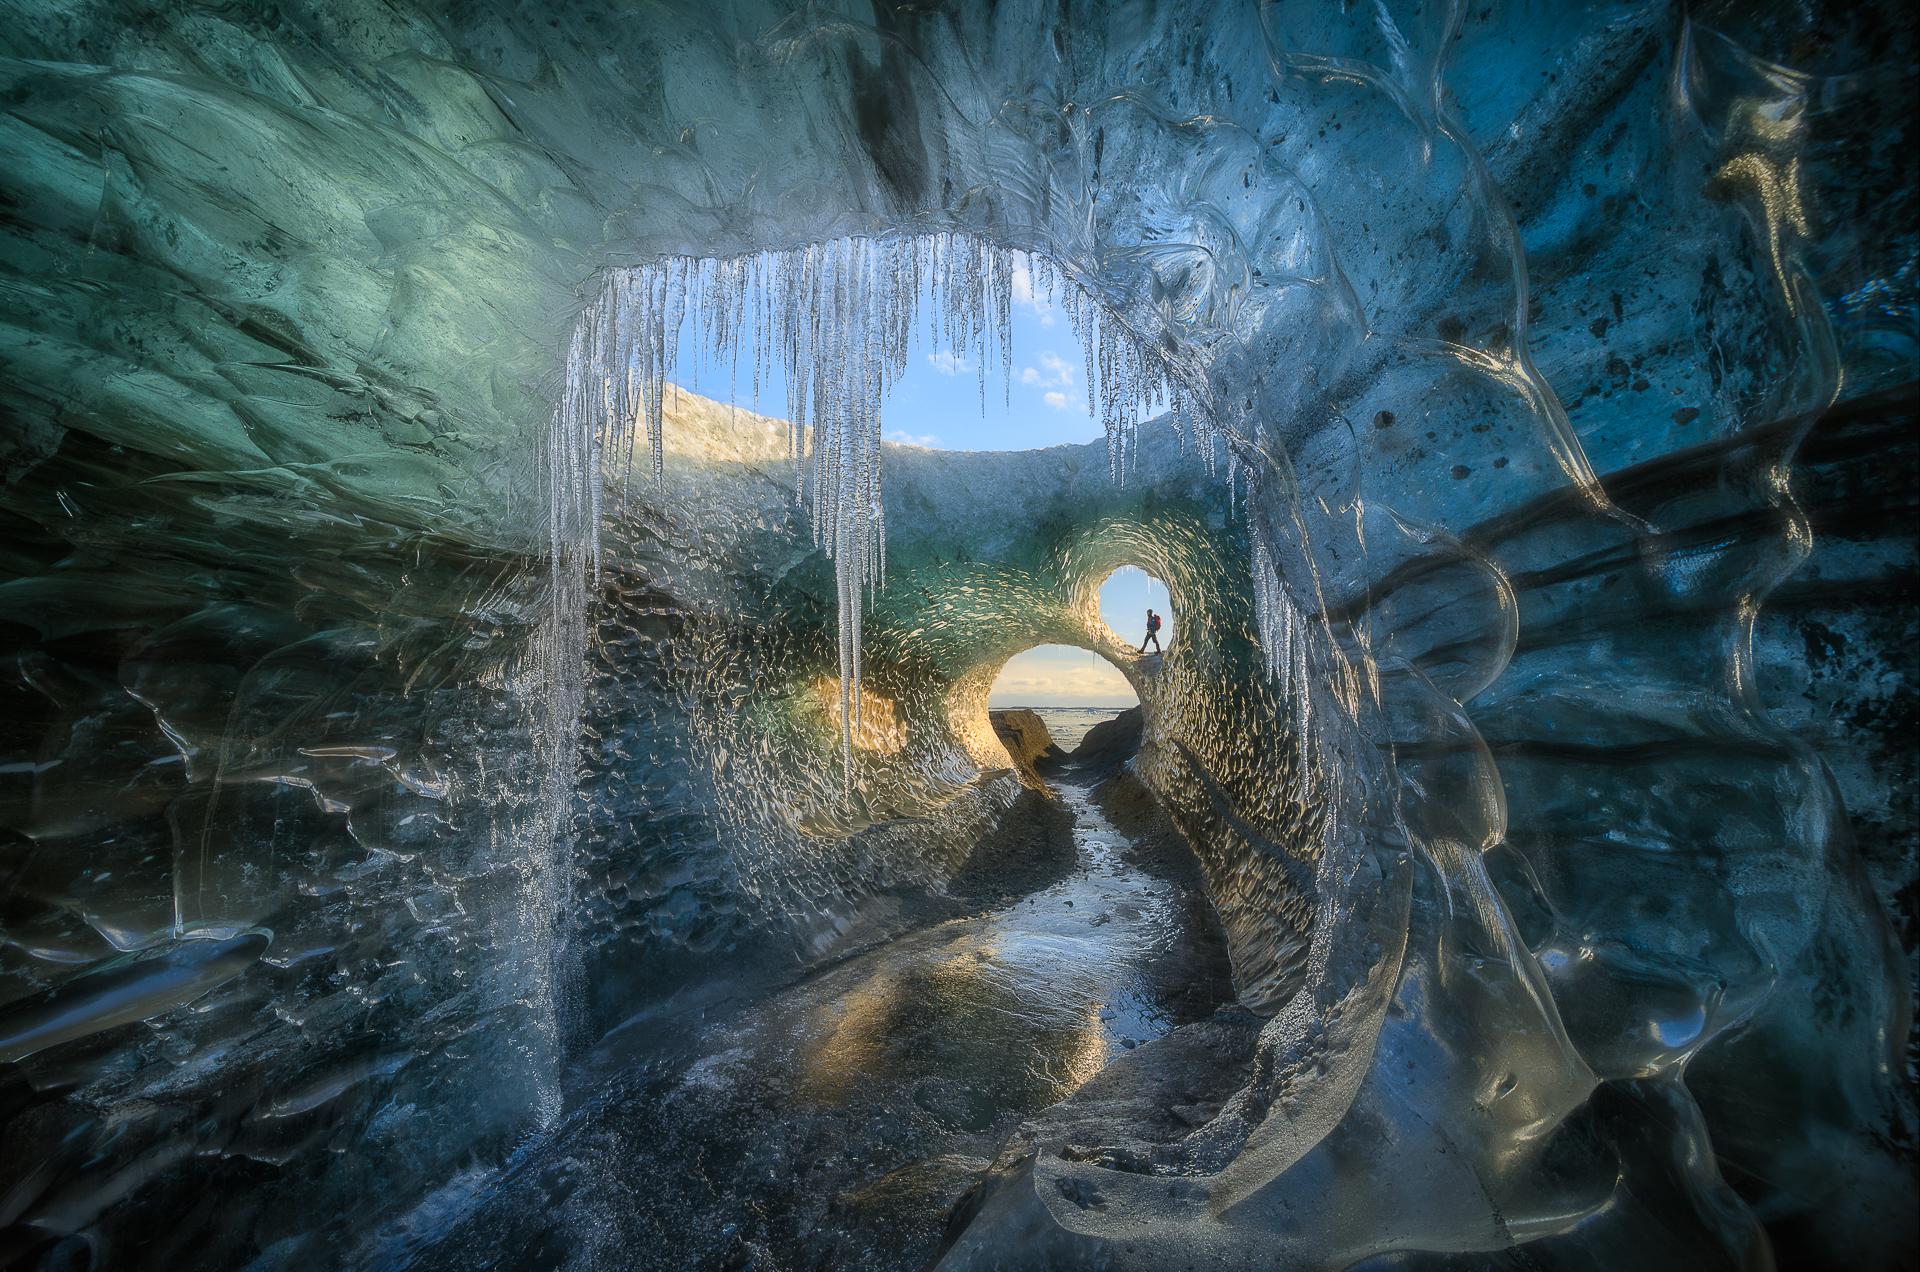 Glaçons à l'intérieur d'une authentique grotte de glace dans le parc national de Vatnajökull.